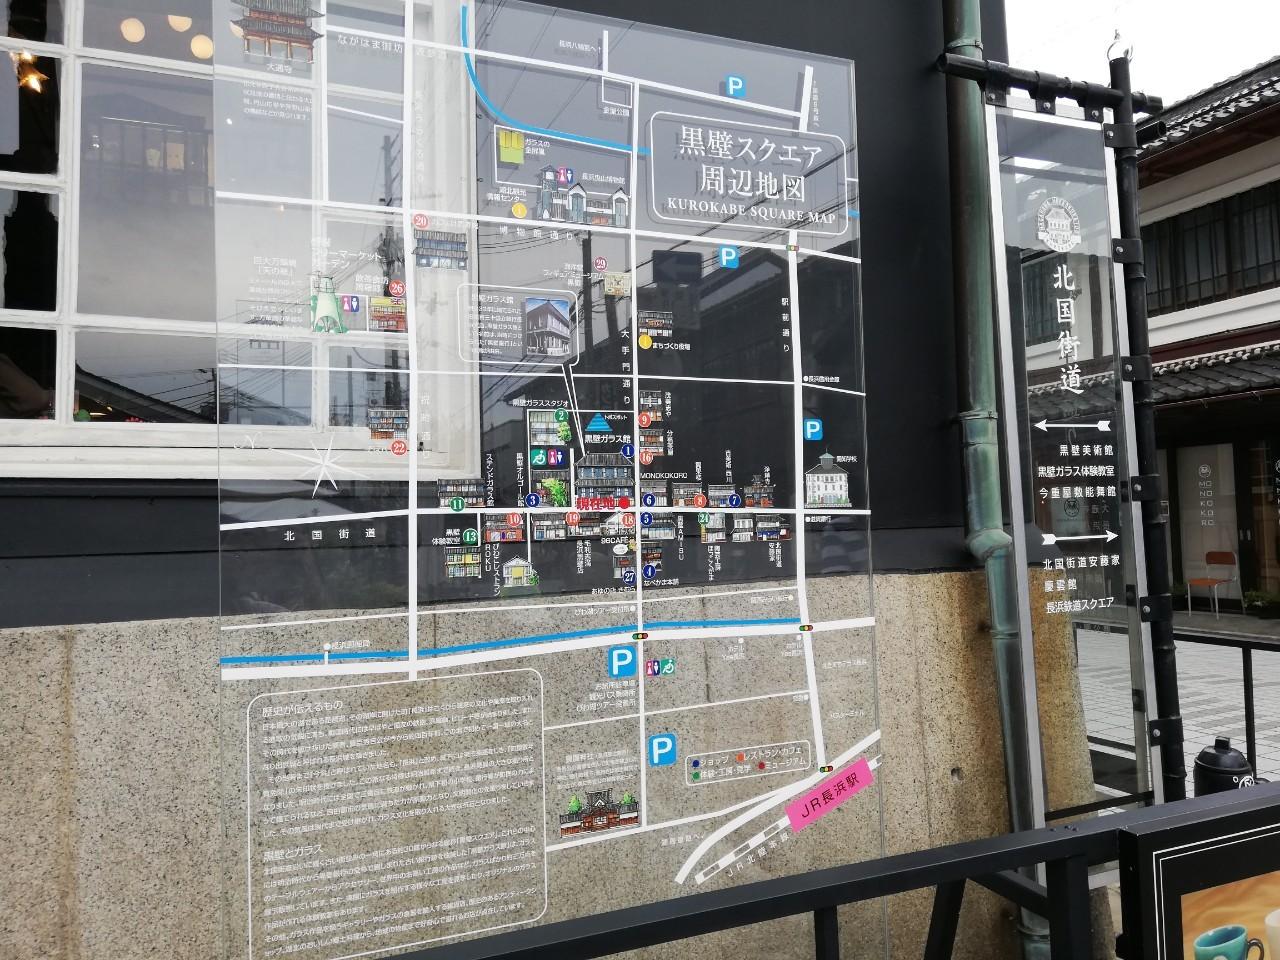 黒壁スクエア ガラス地図